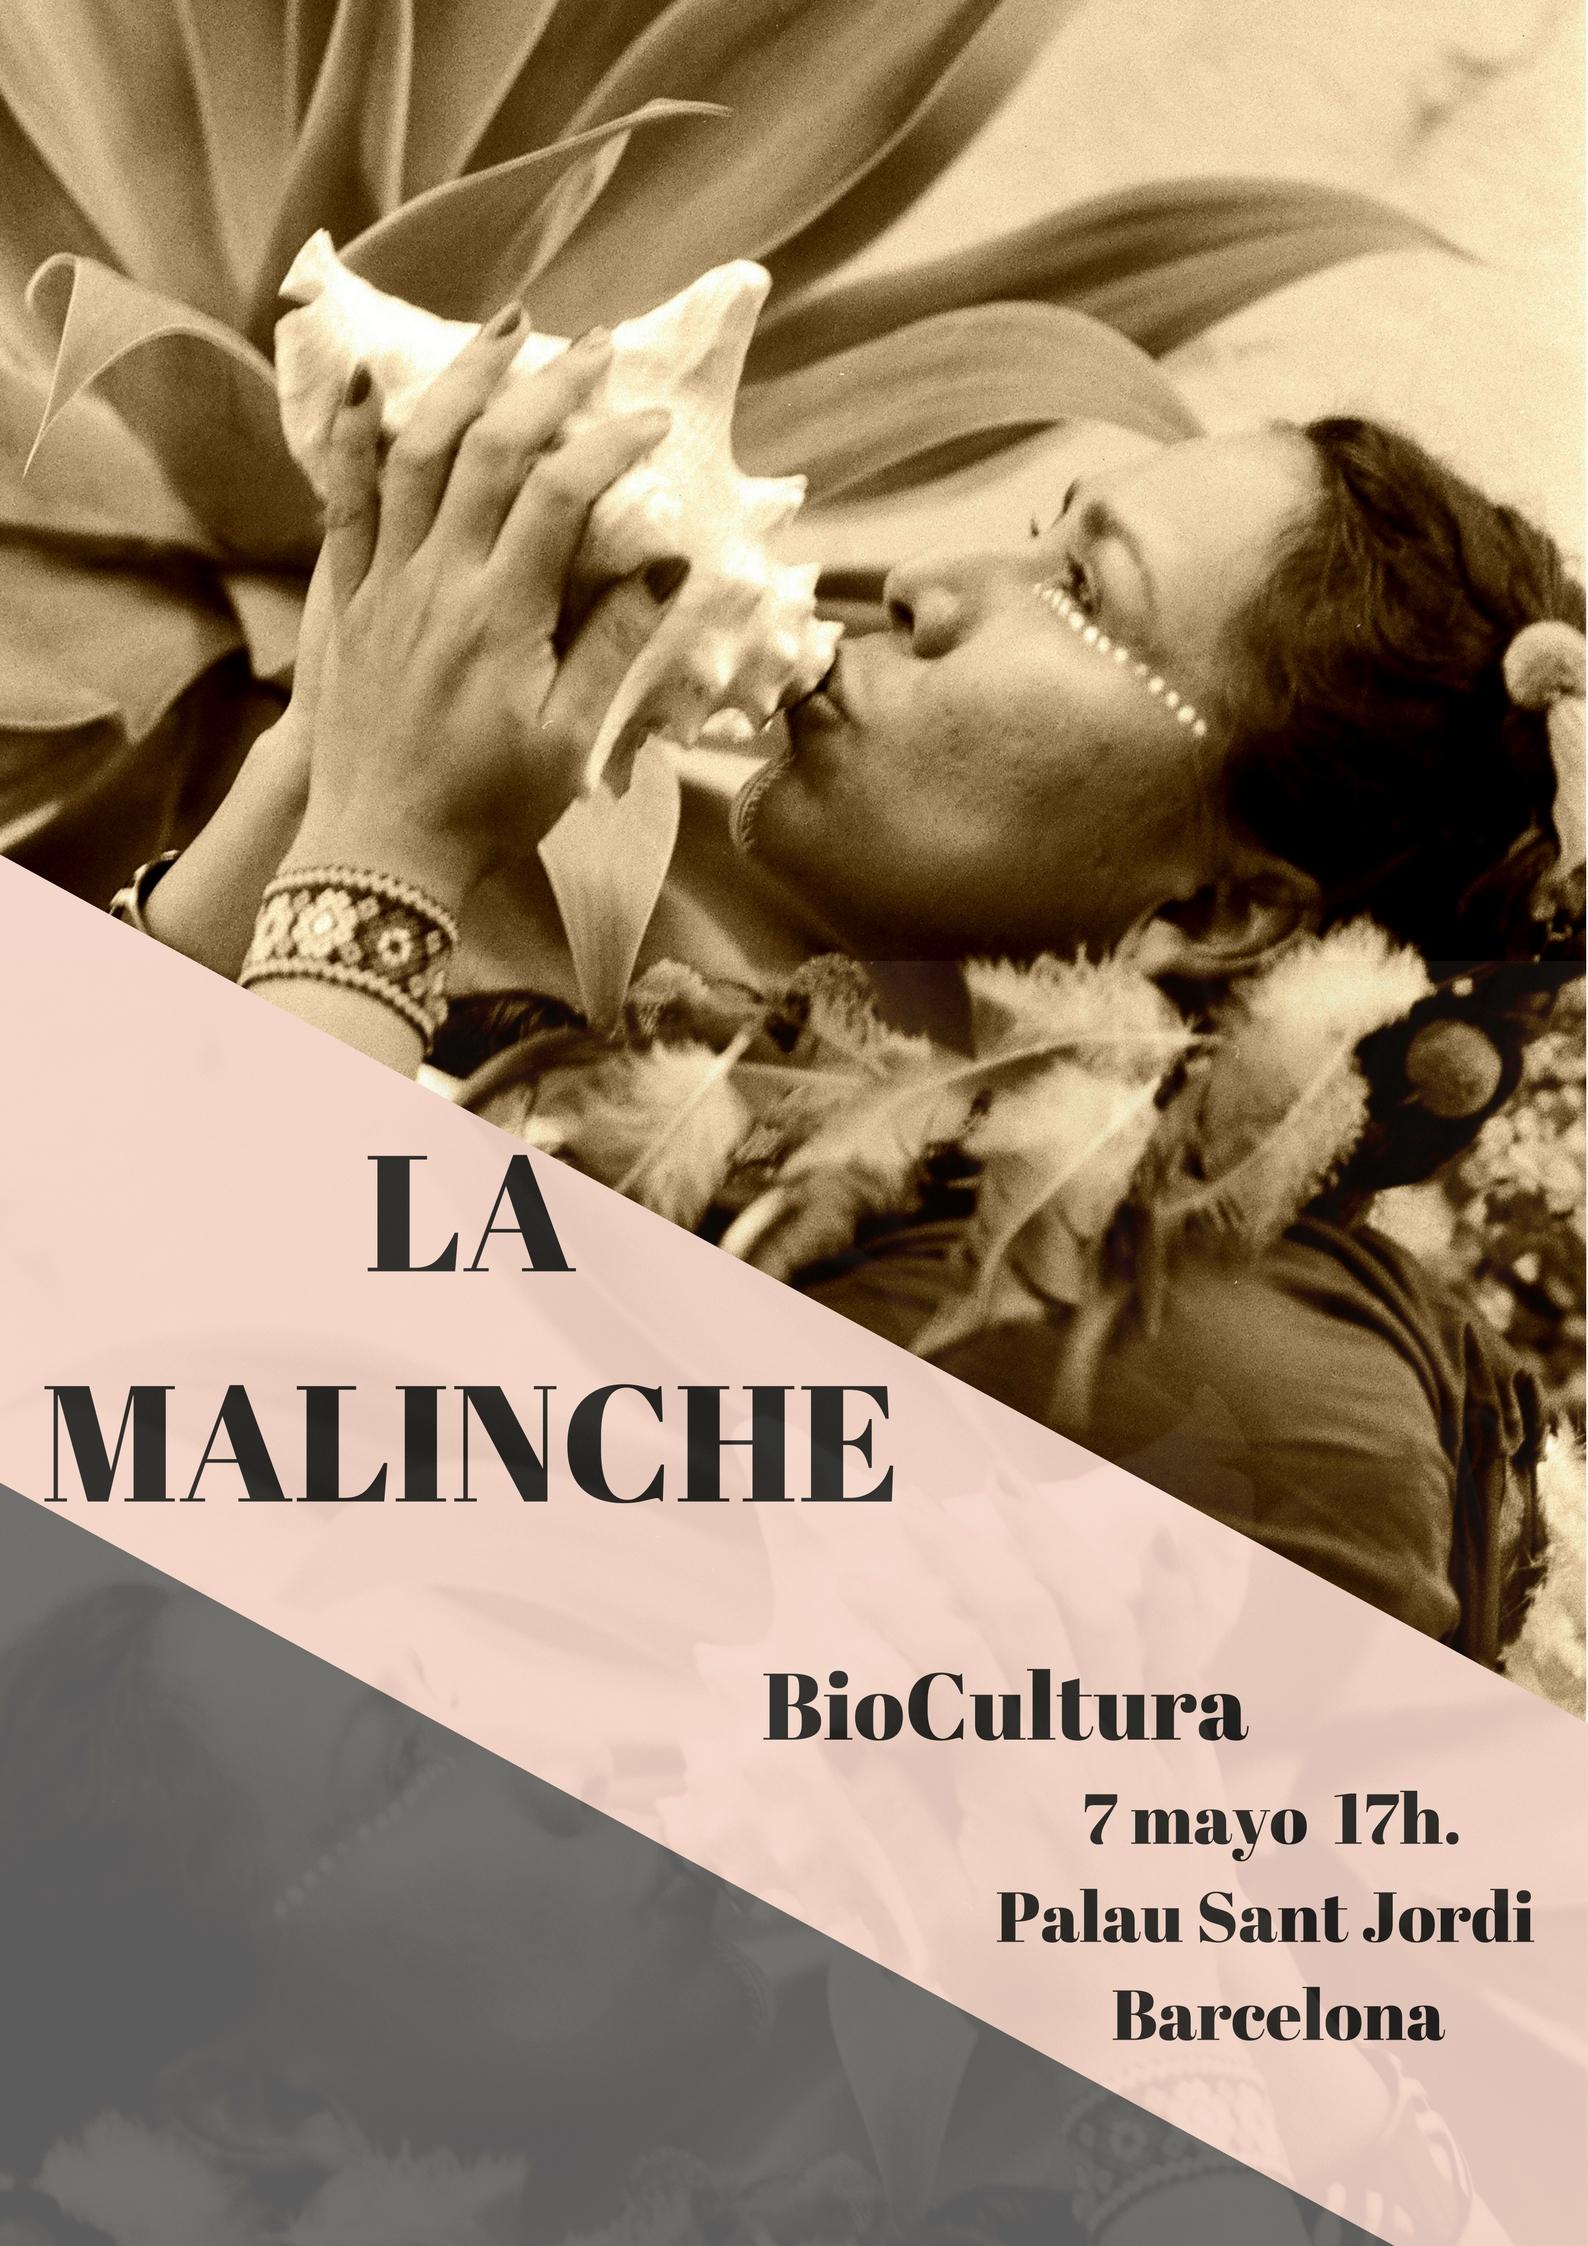 La Malinche Cantante Mexicana - Poster BioCultura